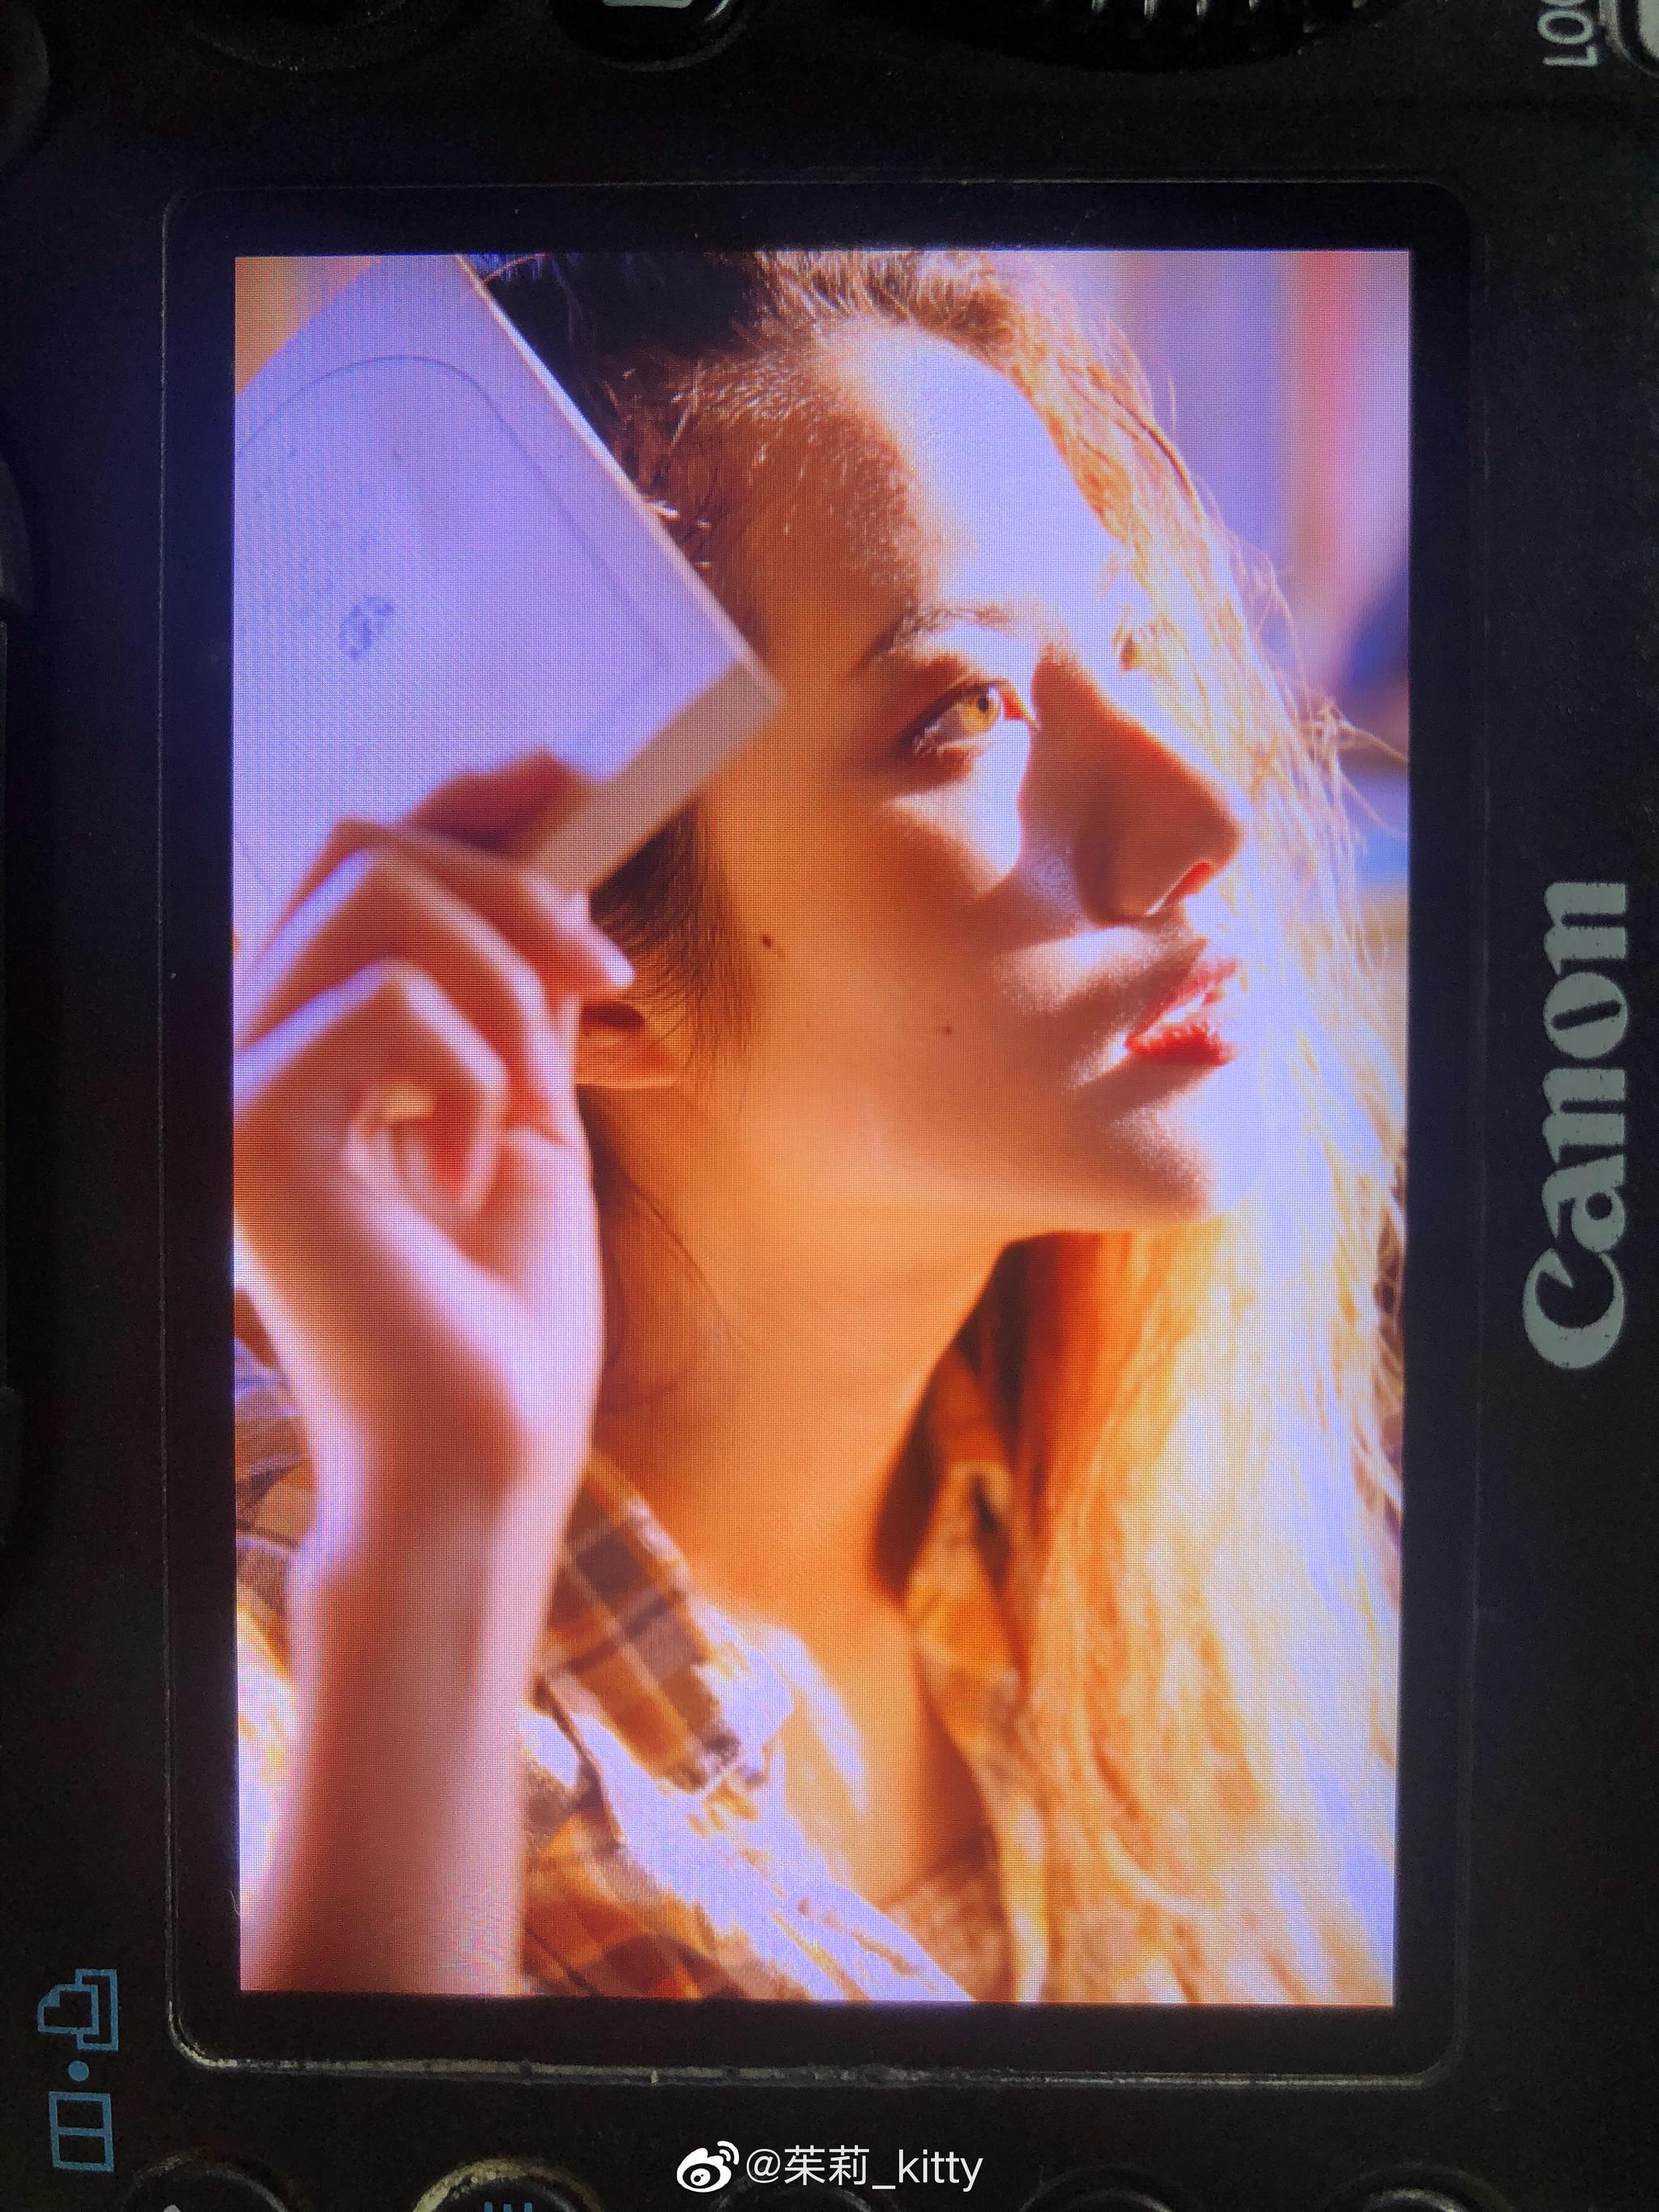 侧光逆光侧逆光,摄影就是玩光线